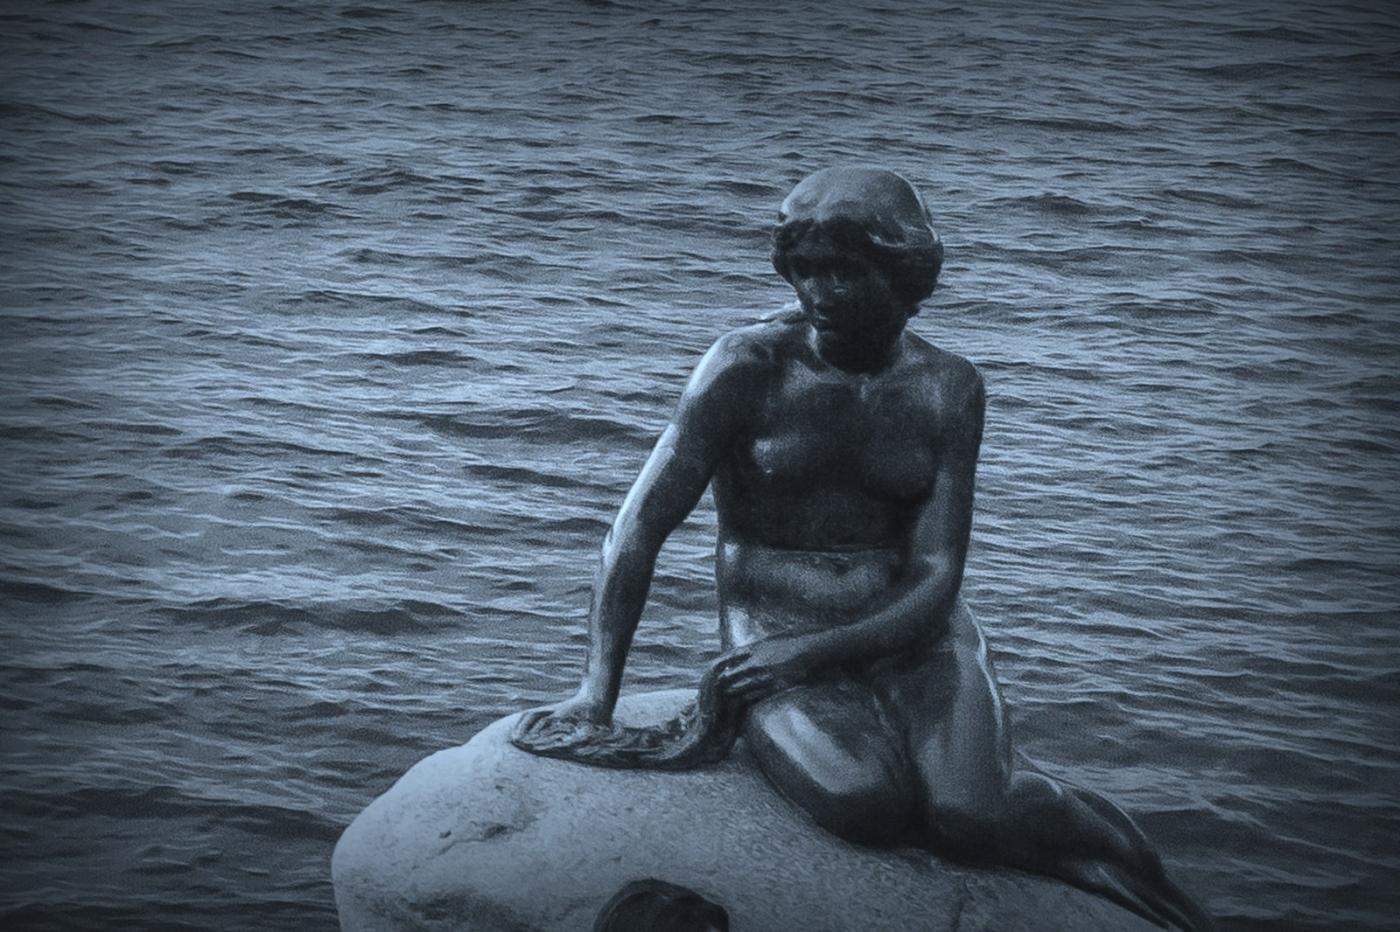 丹麦美人鱼雕像,雕塑家妻子为蓝本_图1-1